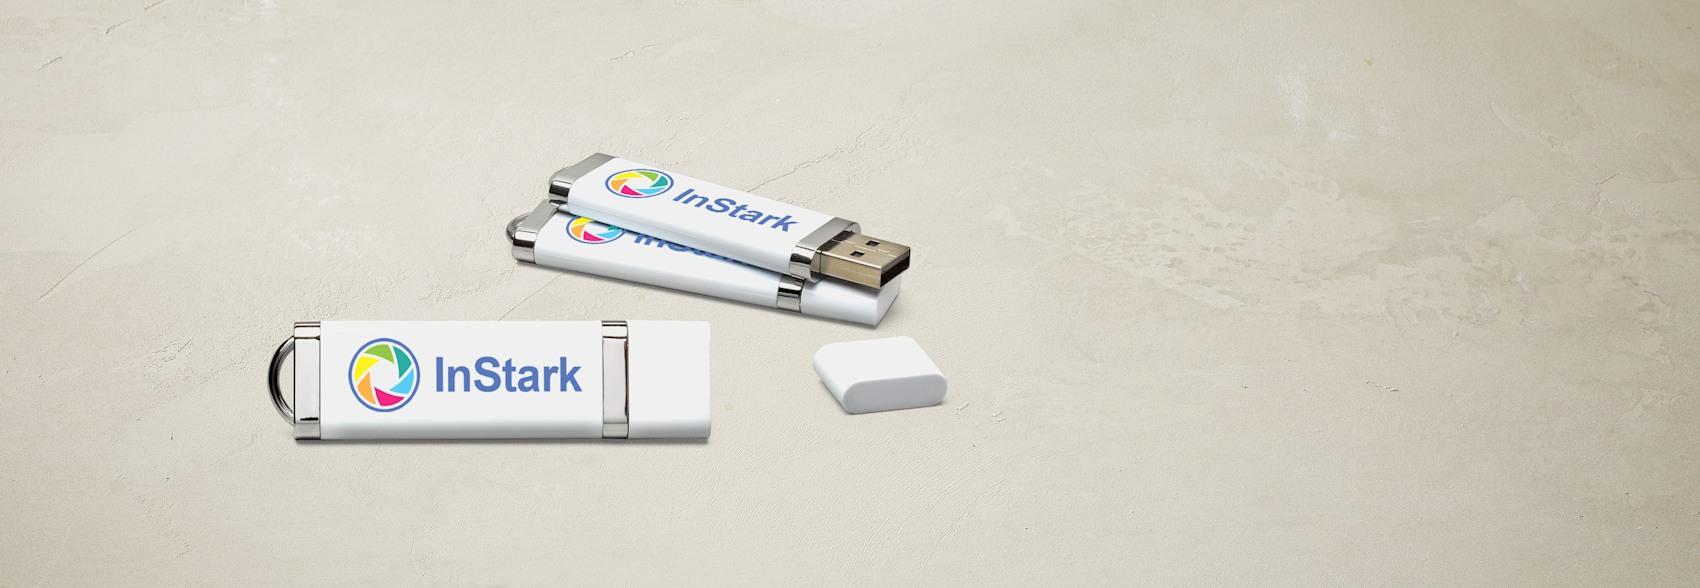 Personalised USB sticks